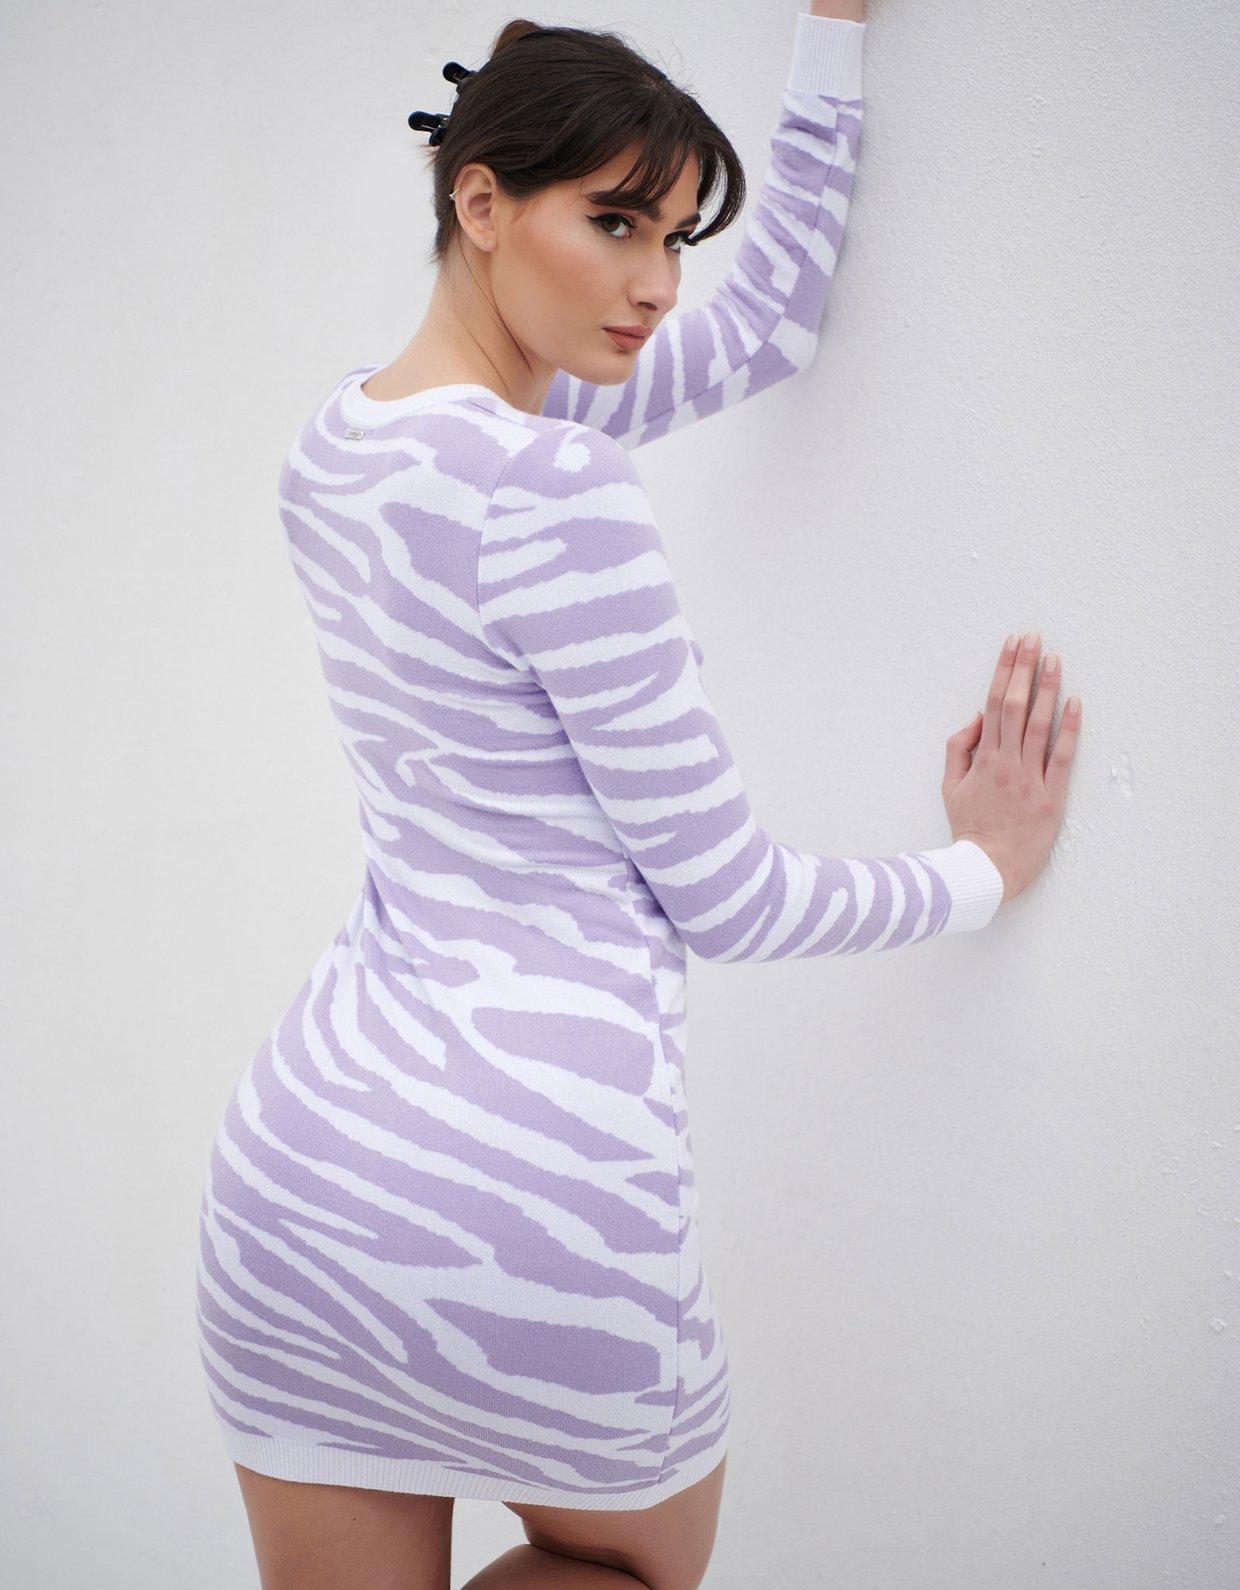 Combos Knitwear Combos S15 – Purple zebra dress